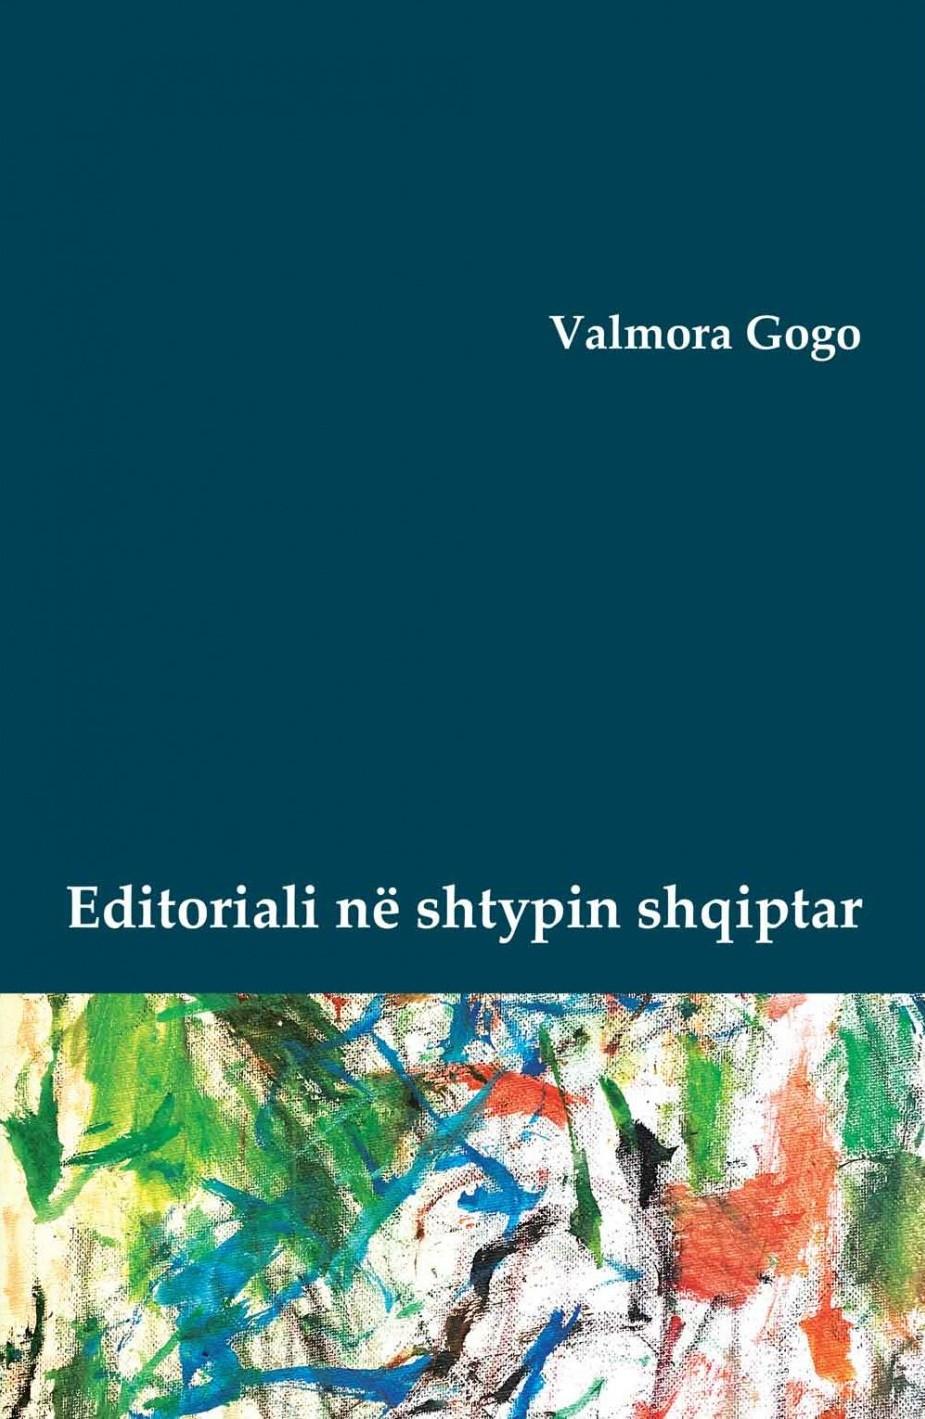 Editoriali ne shtypin shqiptar